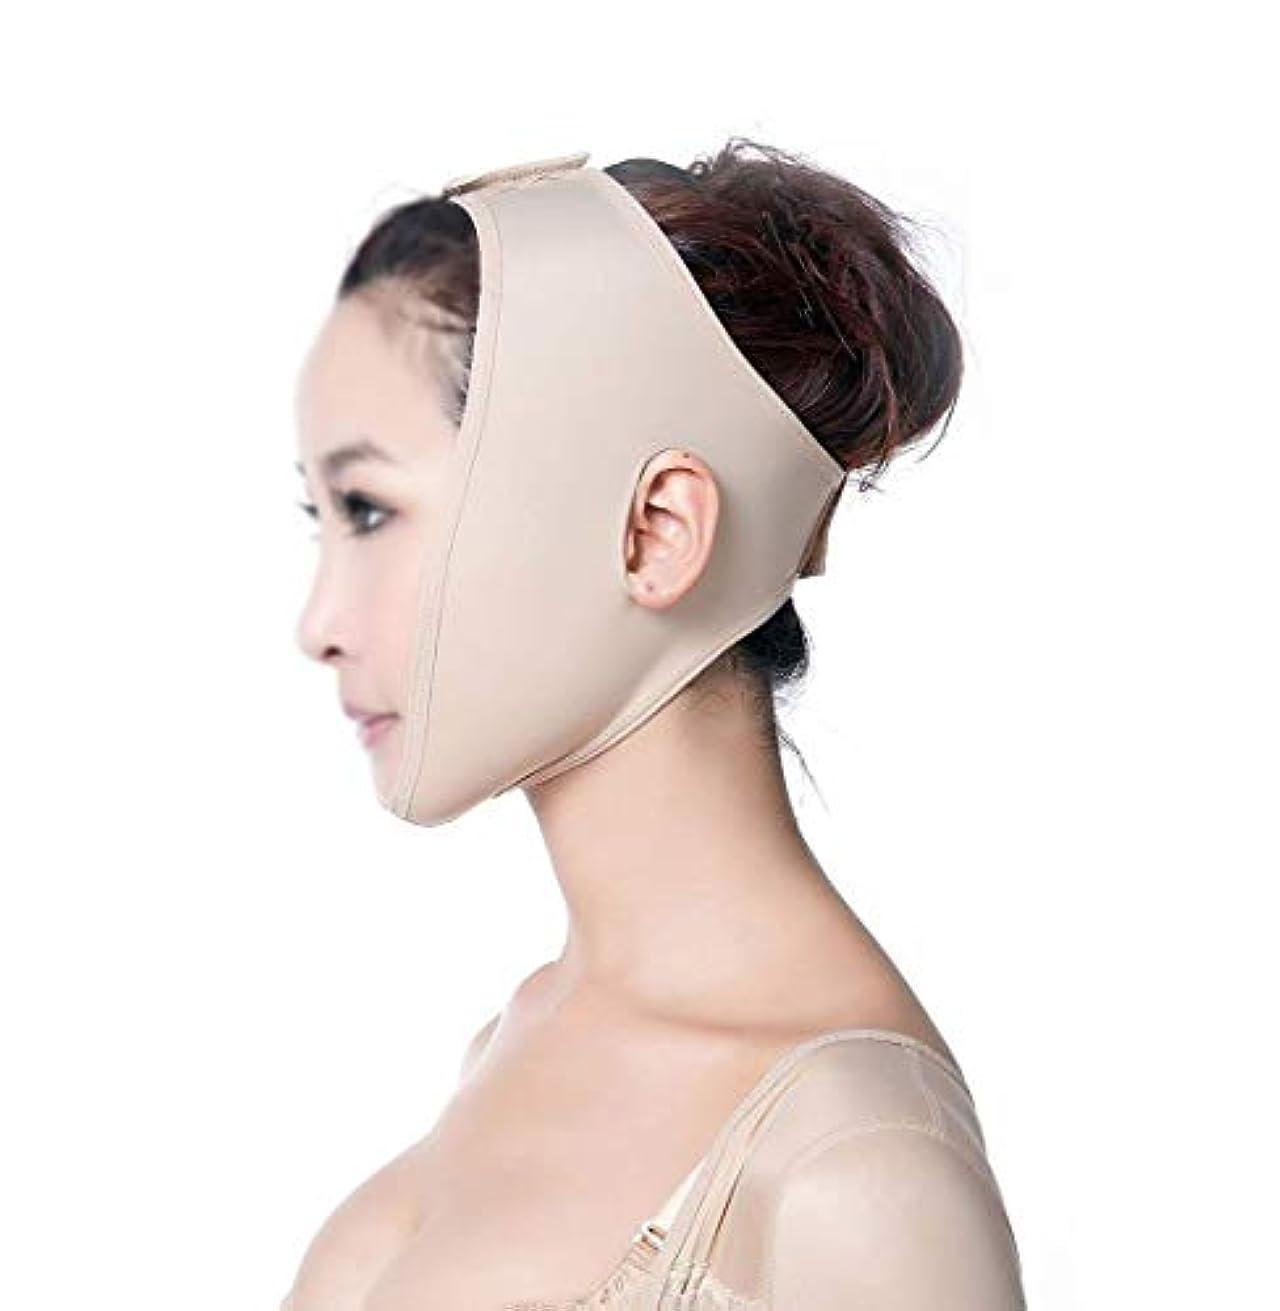 石膏然としたケーキフェイスリフトマスクフェイスアンドネックリフトポストエラスティックスリーブ下顎骨セットフェイスアーティファクトVフェイスフェイシャルフェイスバンドルダブルチンマスク(サイズ:L)